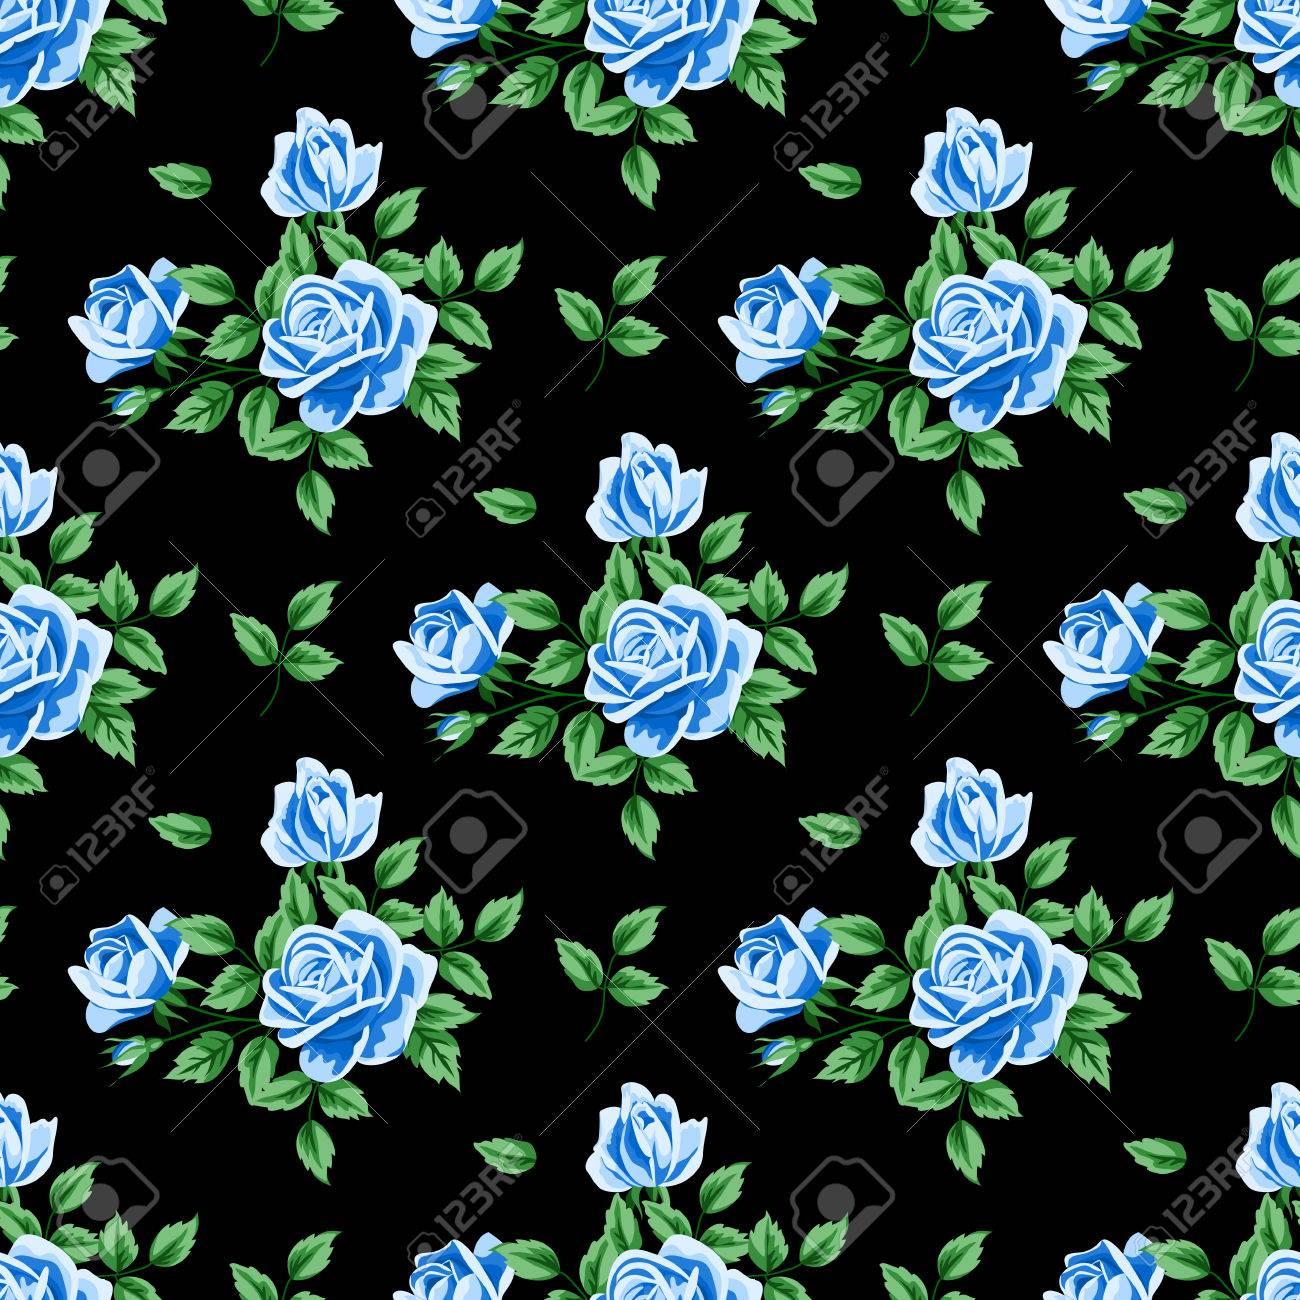 Vettoriale Seamless Pattern Con Rose Blu E Foglie Su Sfondo Nero